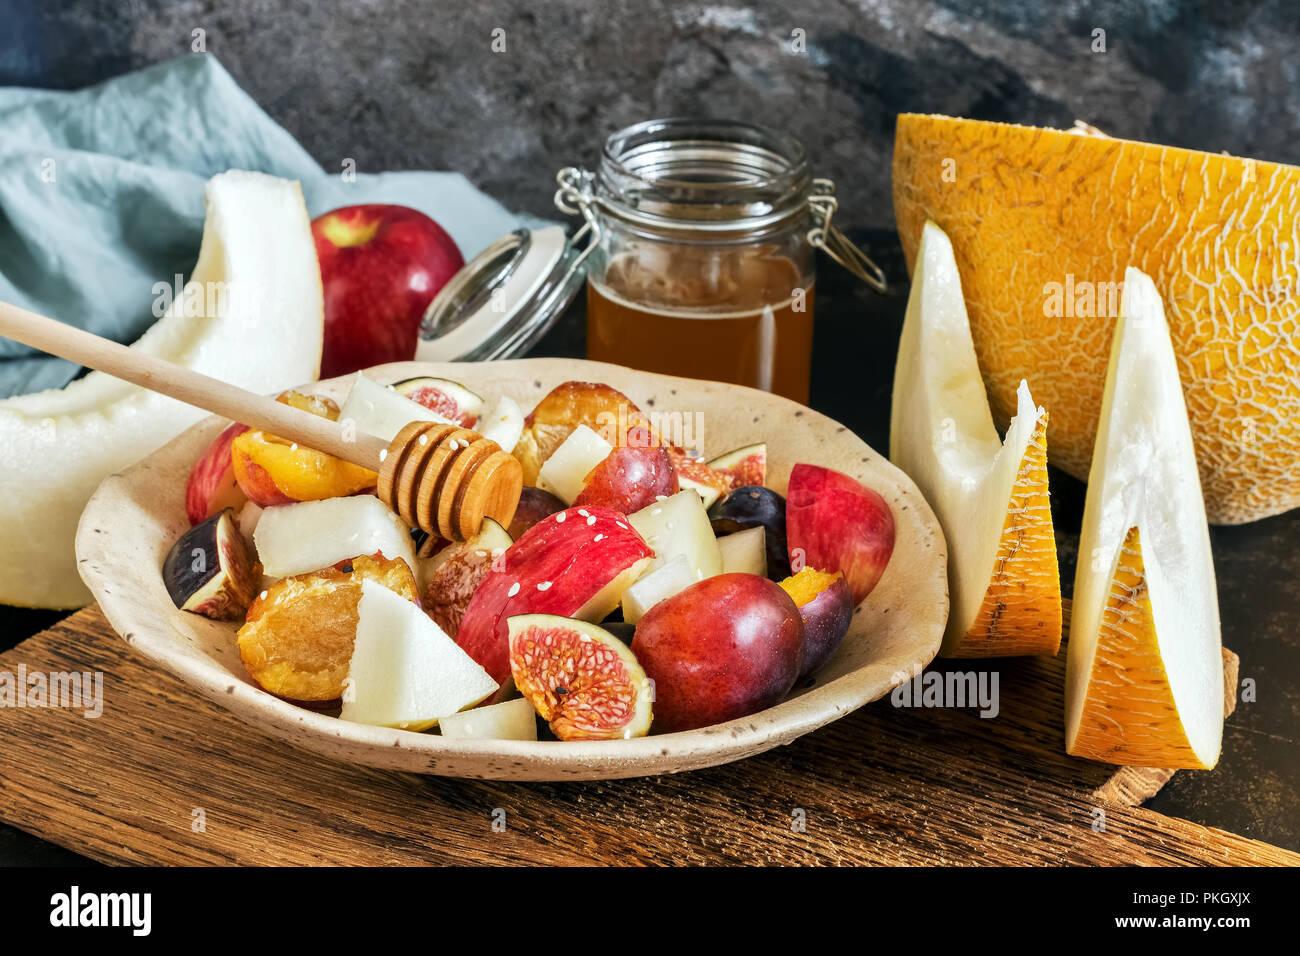 Ensalada de frutas frescas de melón, higos, manzanas, ciruelas y miel. Enfoque selectivo Imagen De Stock